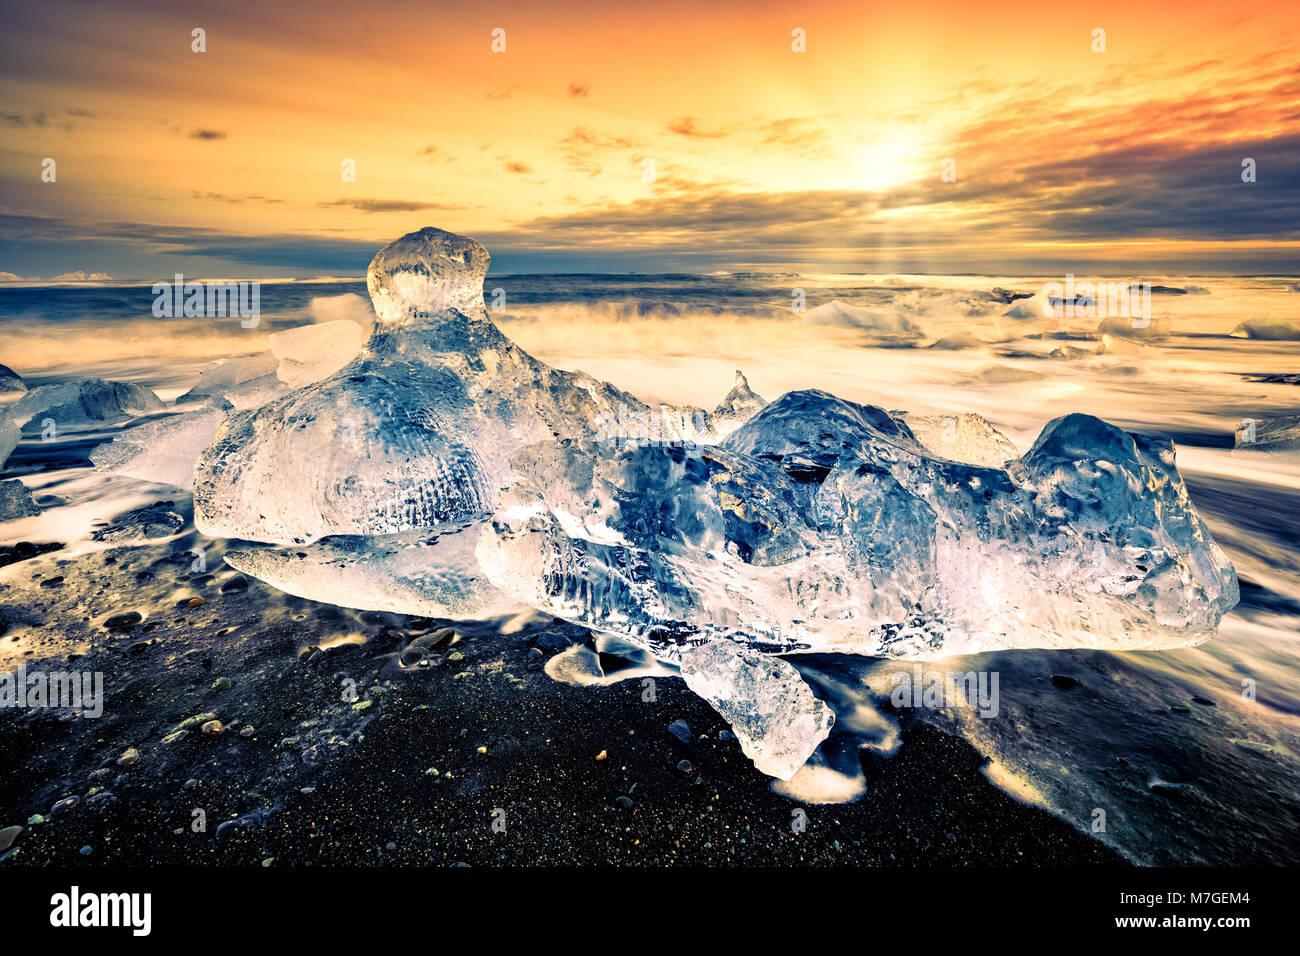 Vaganti iceberg sulla spiaggia di diamante, al tramonto, in Jokulsarlon, Islanda. Immagini Stock